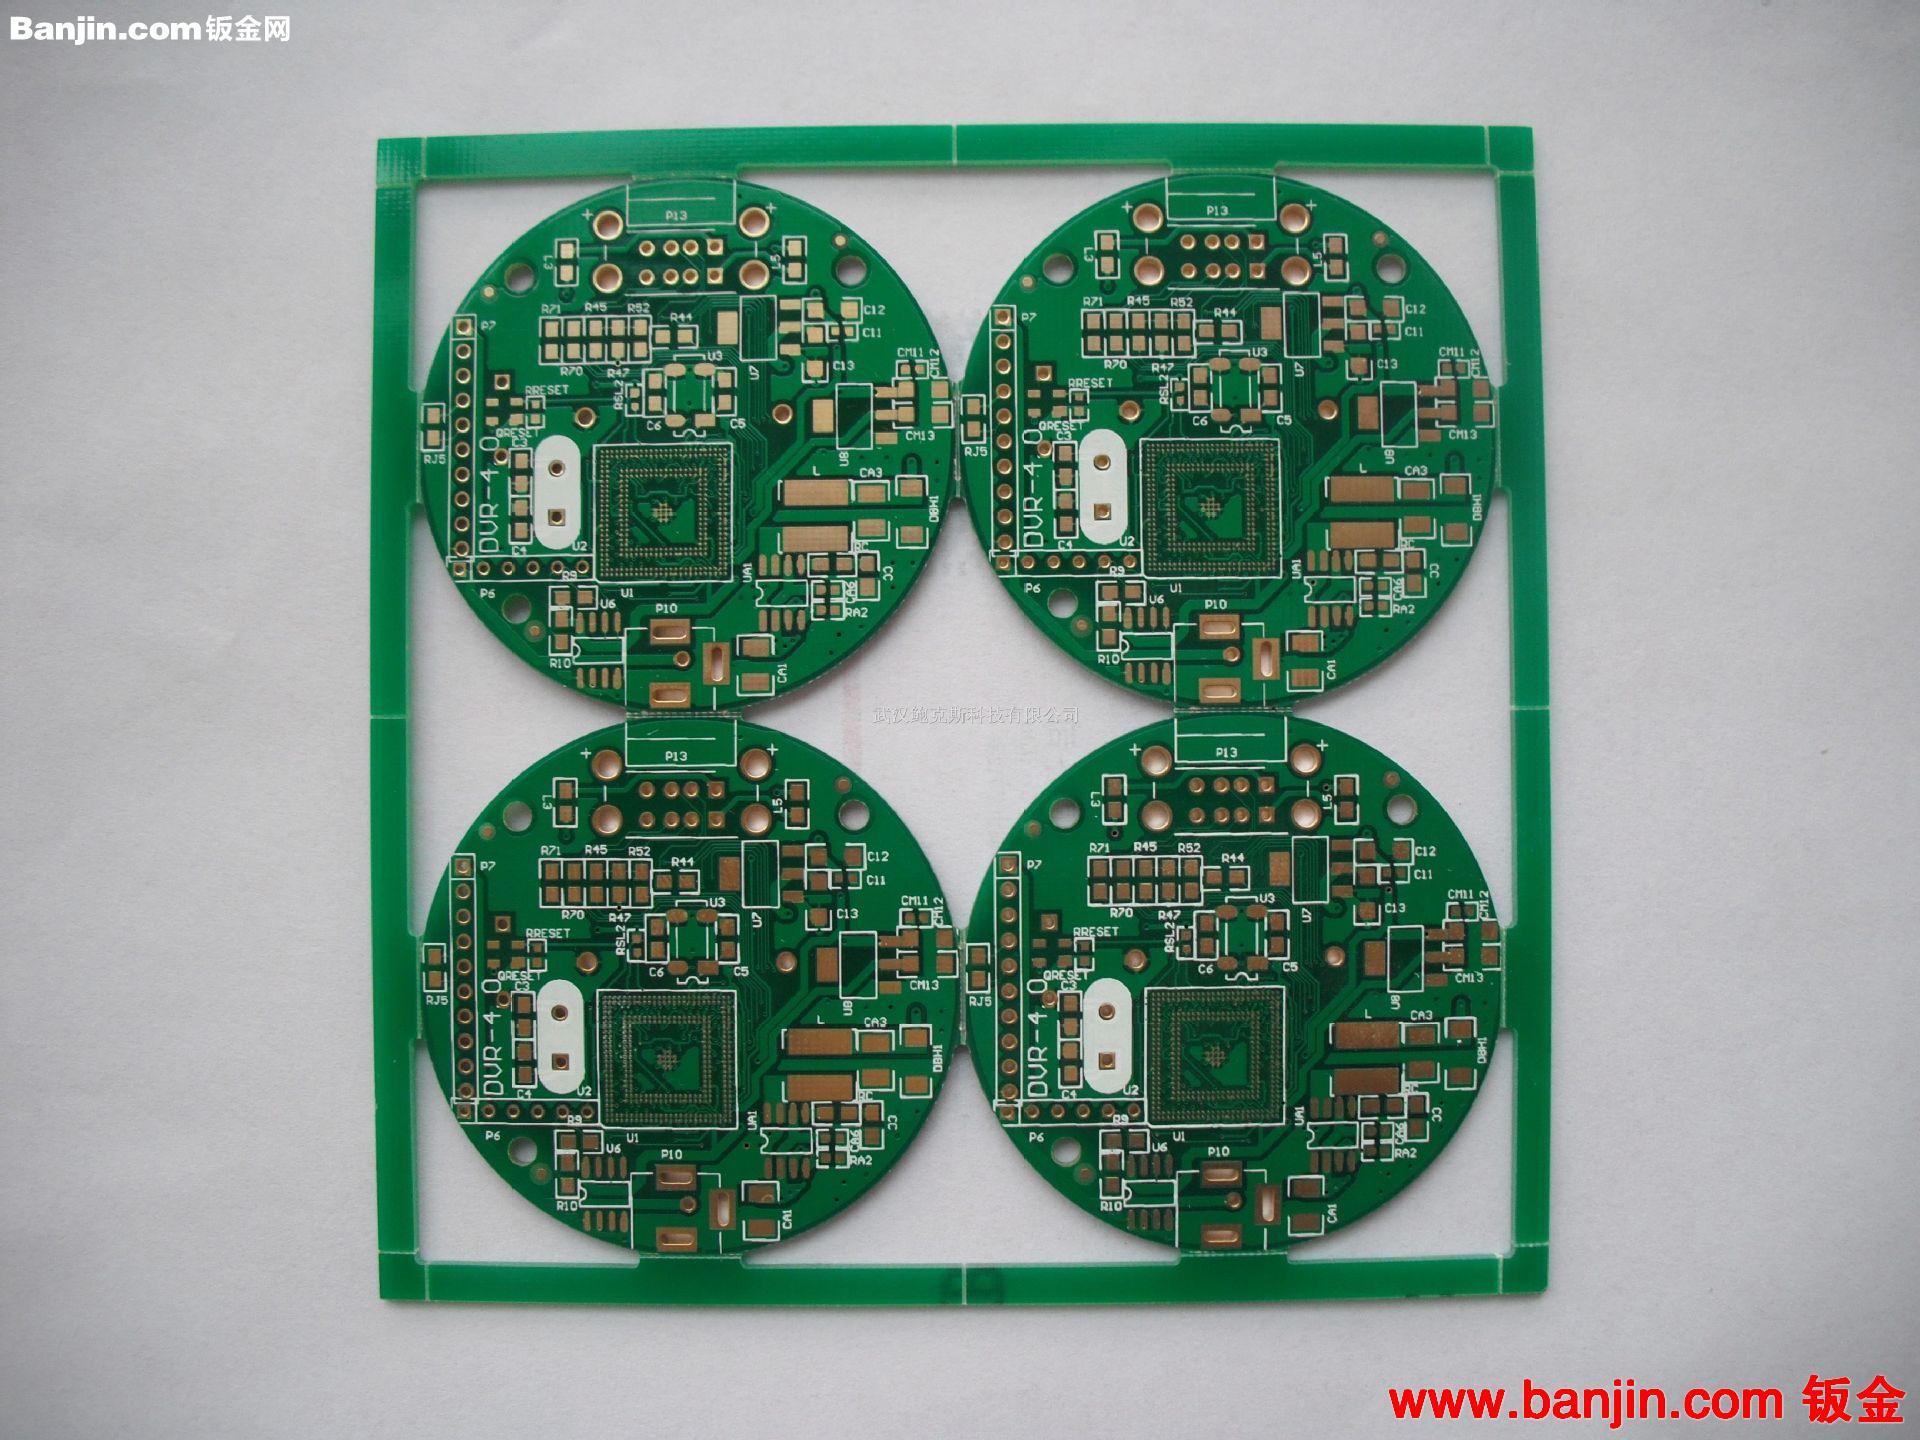 首页 产品图片 03 加工印制电路板,印制线路板,印制pcb pcb厂家供应